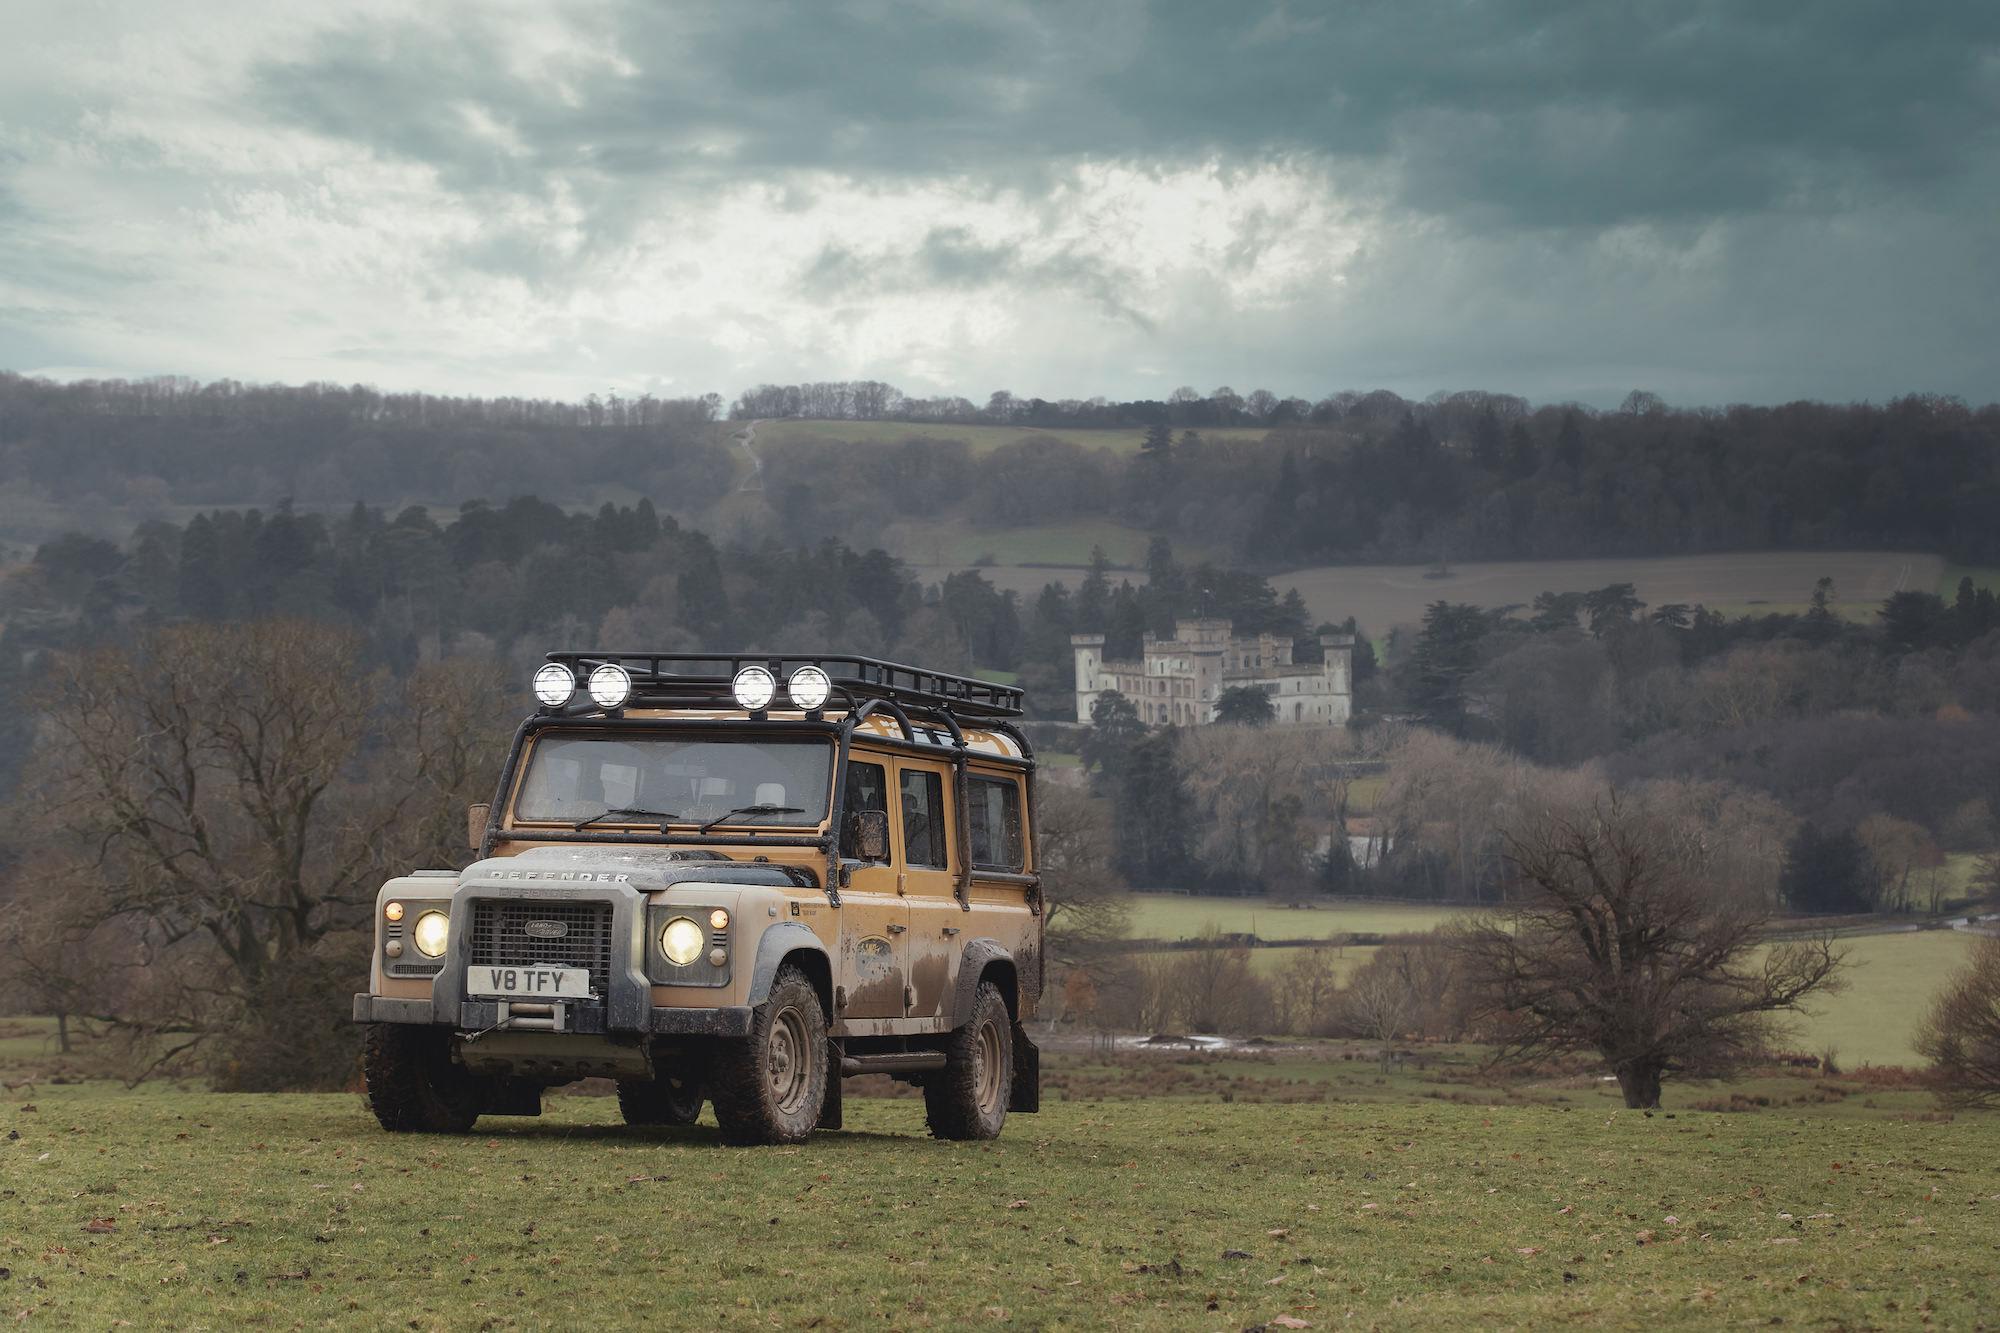 defender land rover Eastnor Castle Herefordshire